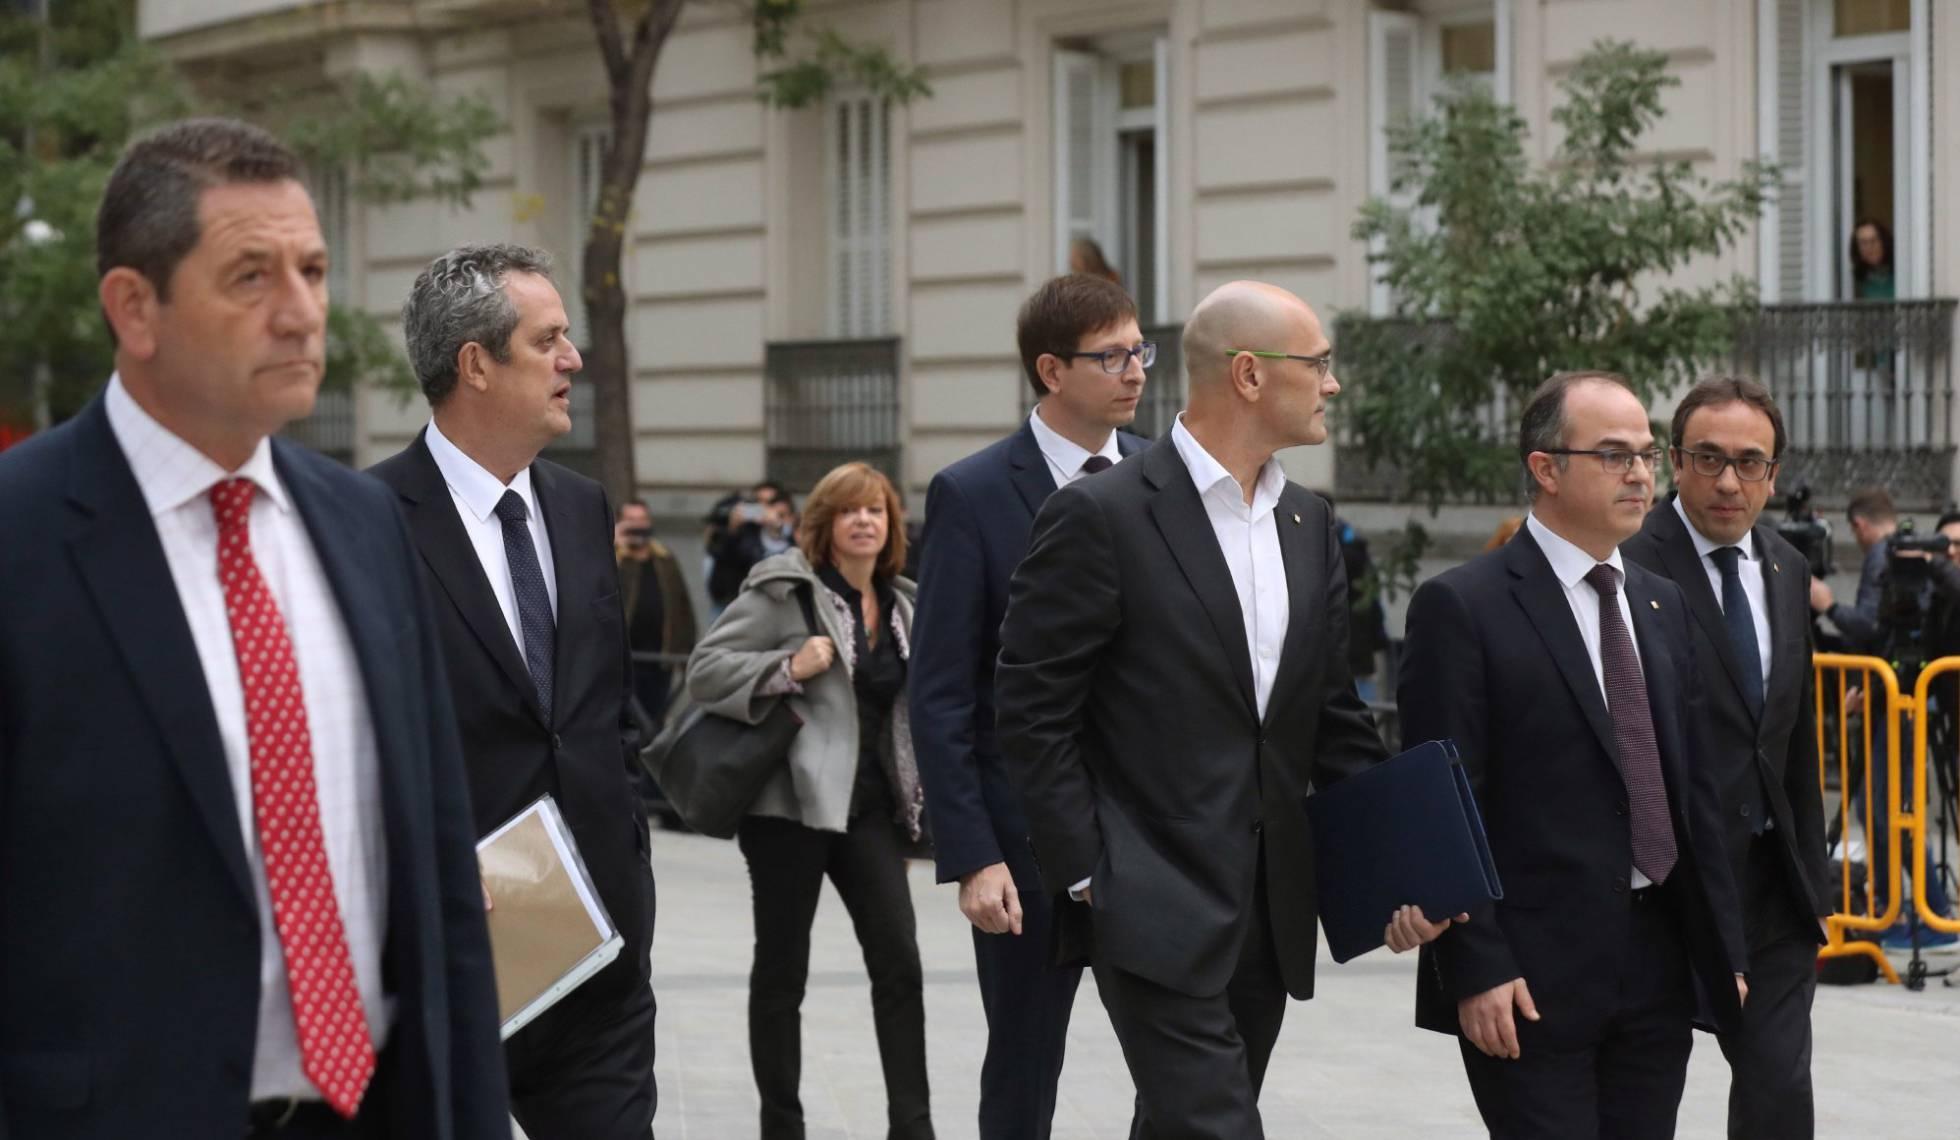 Consulta íntegros los autos de prisión para los consellers de Puigdemont 1509638311_403082_1509638455_noticia_normal_recorte1